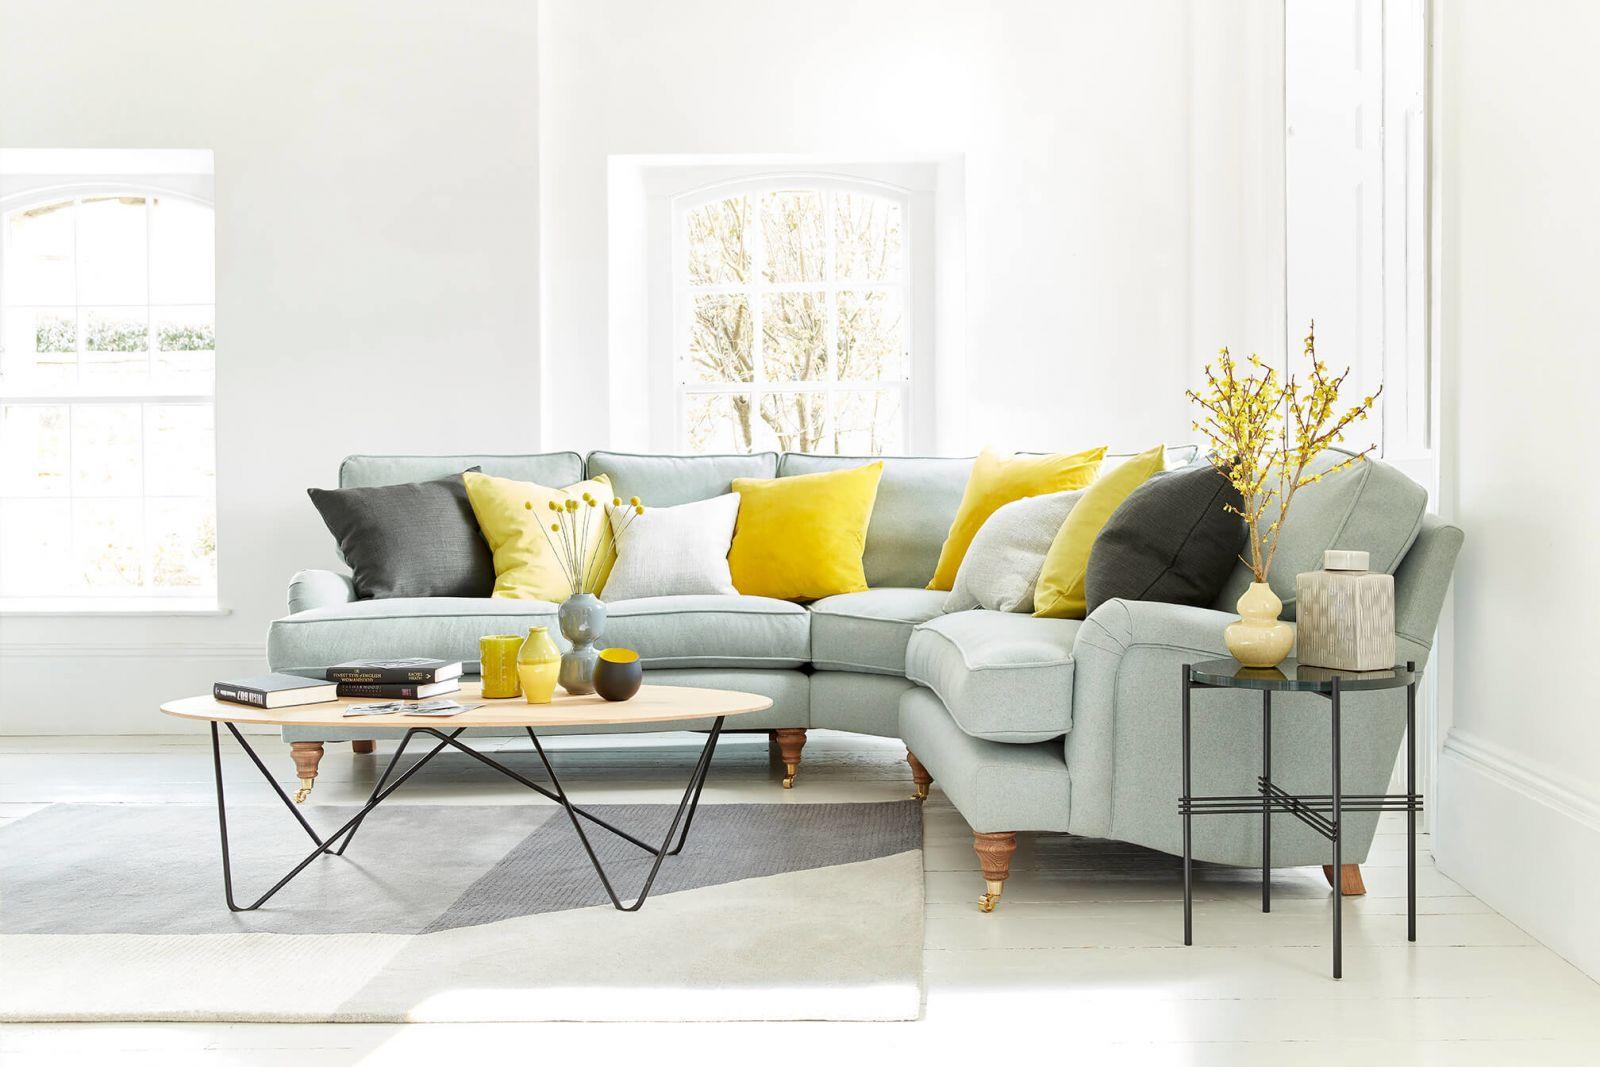 Эффективность и функциональность станут главными характеристиками диванных трендов 2019 года.